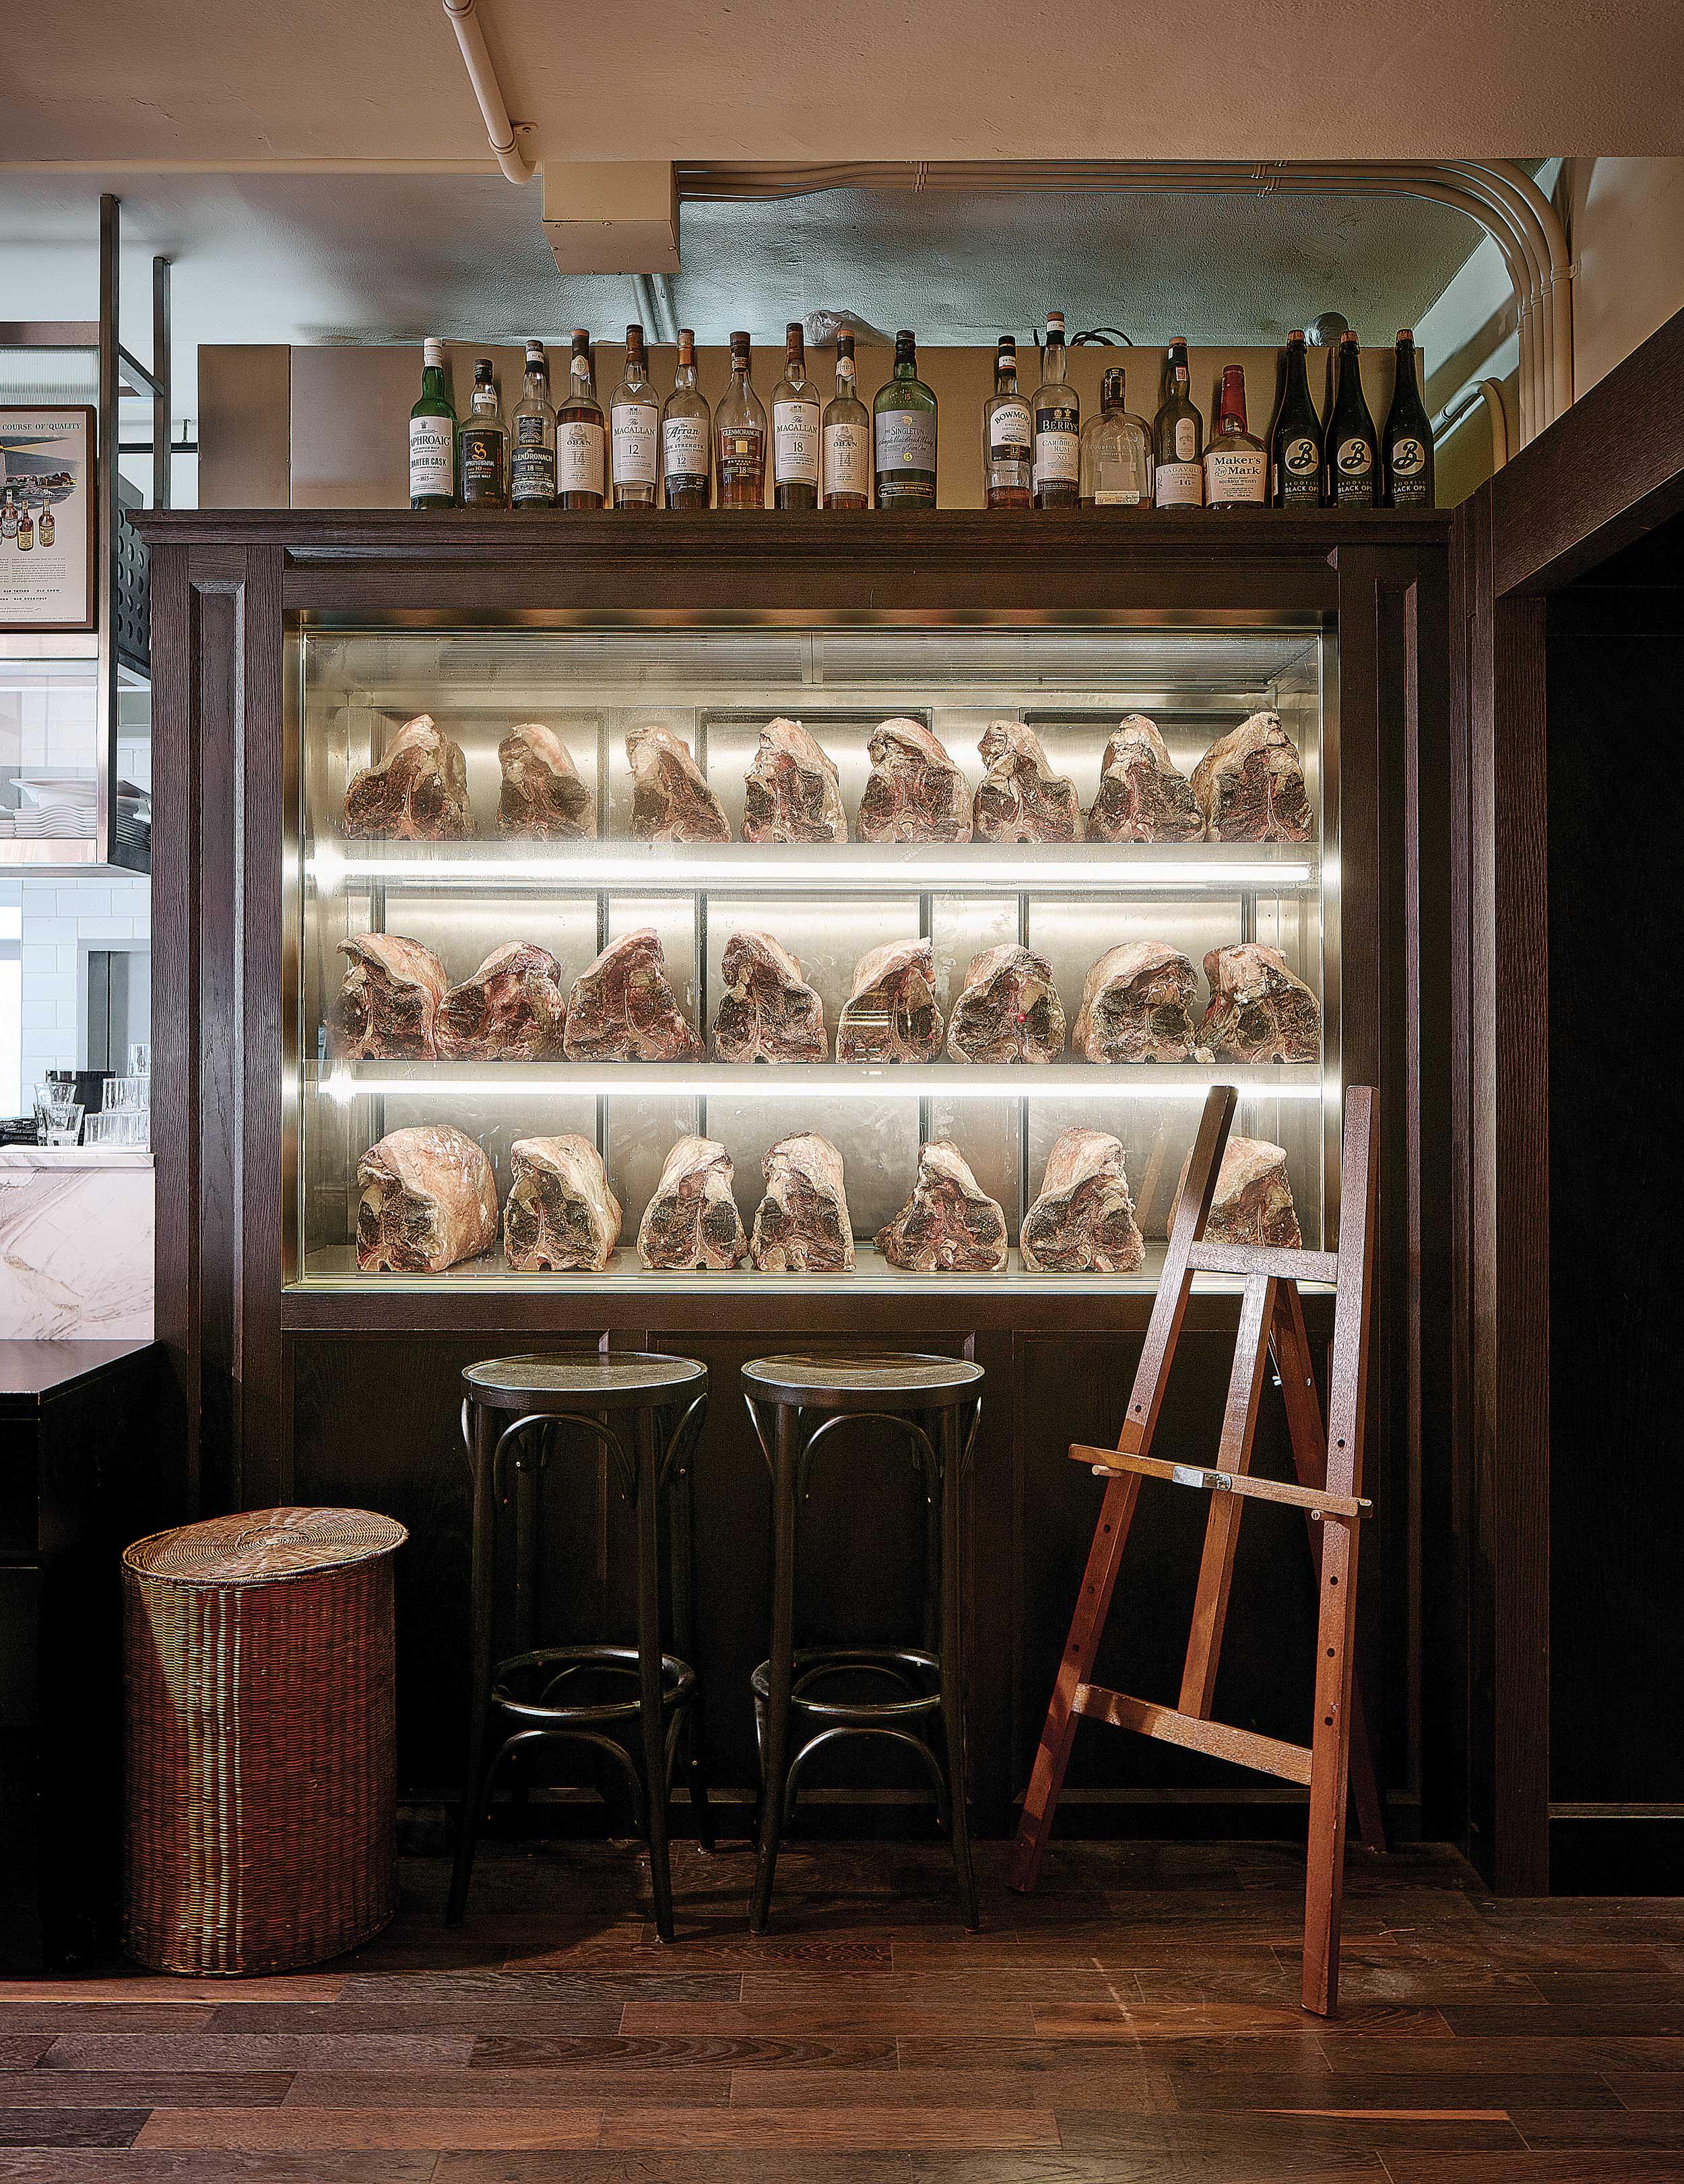 볼트 스테이크 하우스에는 키친 내부에 드라이에이징 시설이 갖춰져 있다. 사진은 스테이크에 사용될 드라이에이징 보관 냉장고로 세련된 레스토랑과 대조돼 묘한 분위기를 자아낸다. © 심윤석, 박재현, 양성모